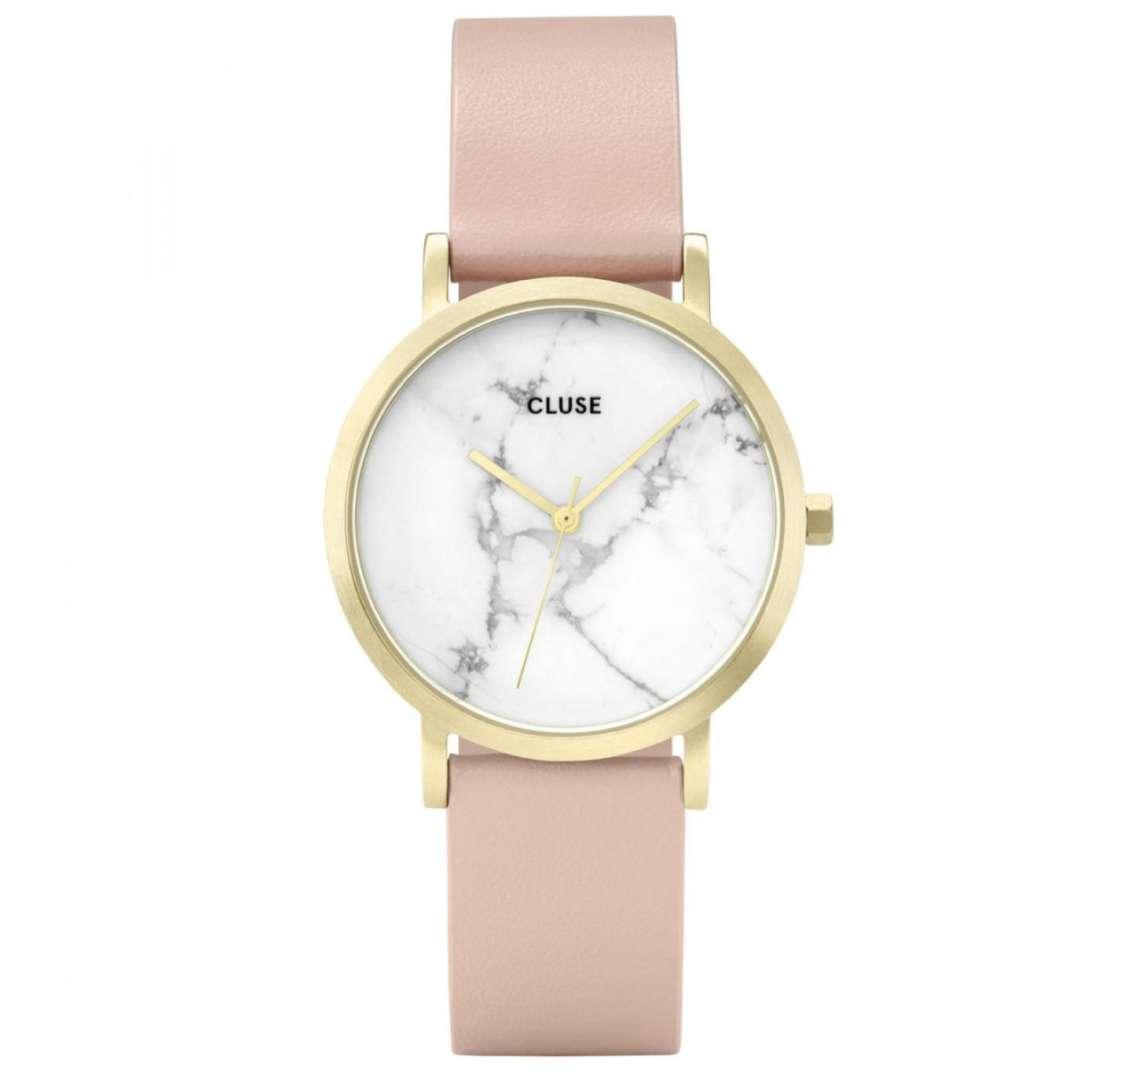 שעון יד אנלוגי cluse cl40101 קלוז